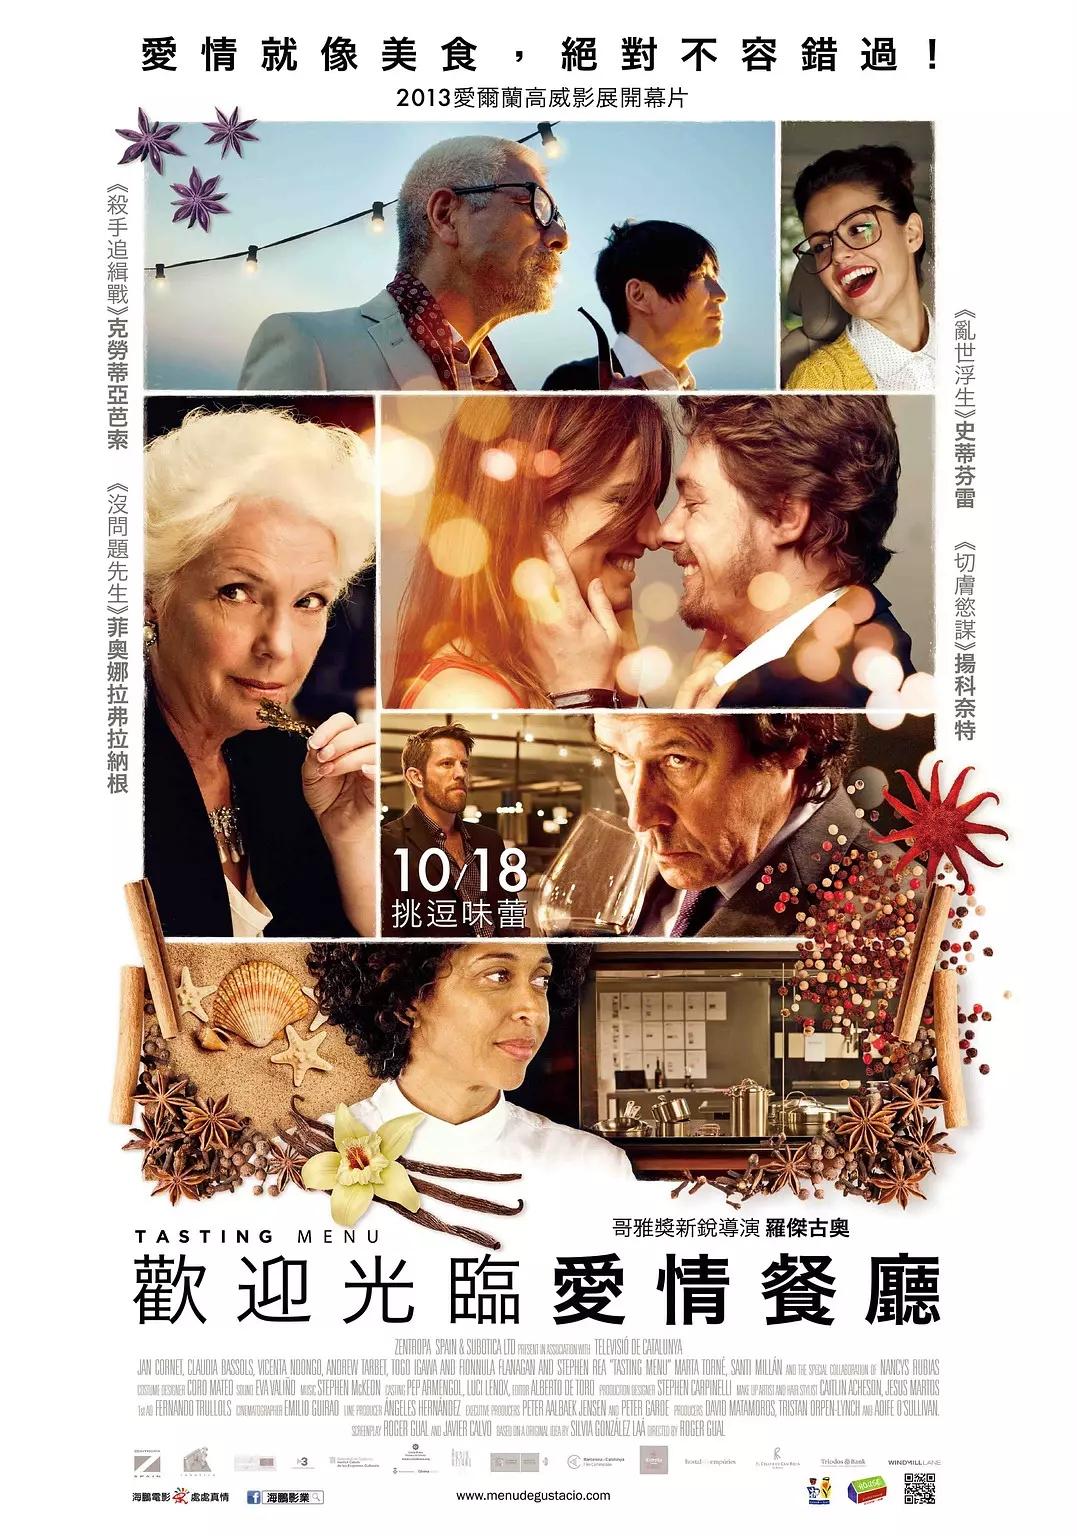 爱情菜单 2013.HD720P 迅雷下载